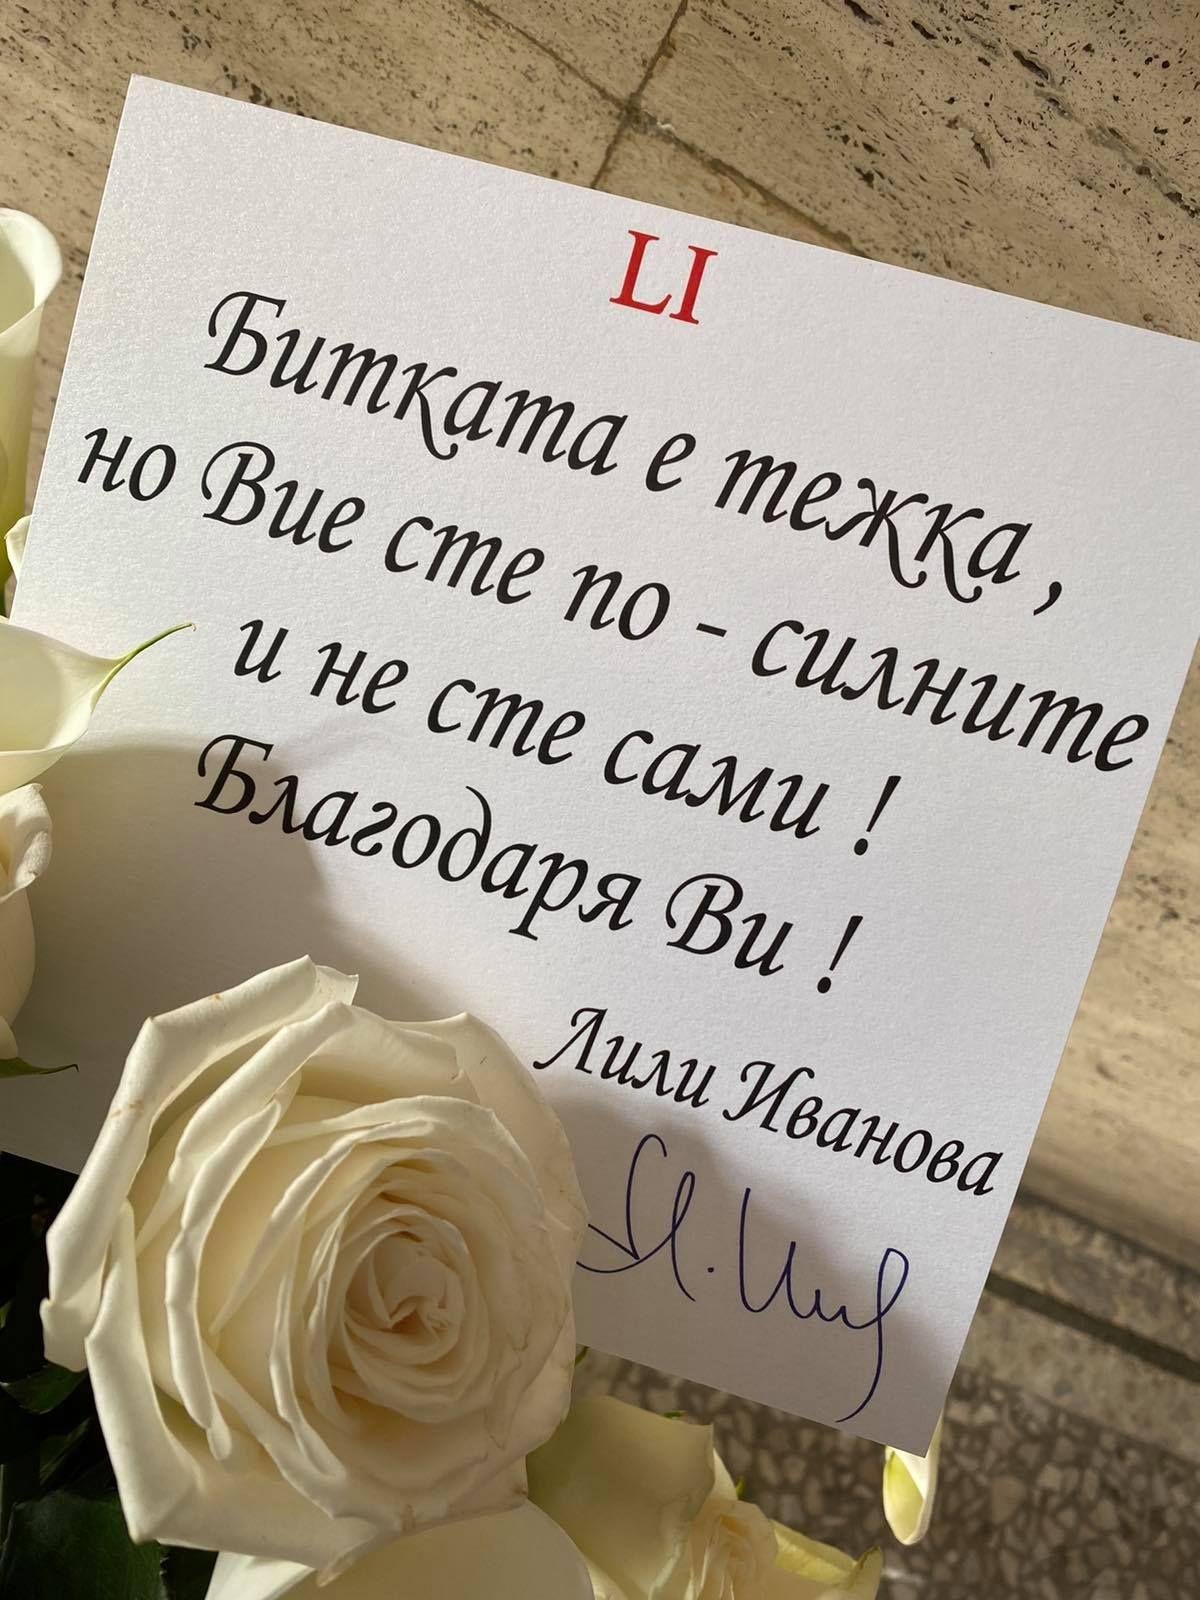 """Картичка с надпис """"Битката е тежка, но вие сте по-силните и не сте сами"""", придружи подаръка на певицата към медиците"""